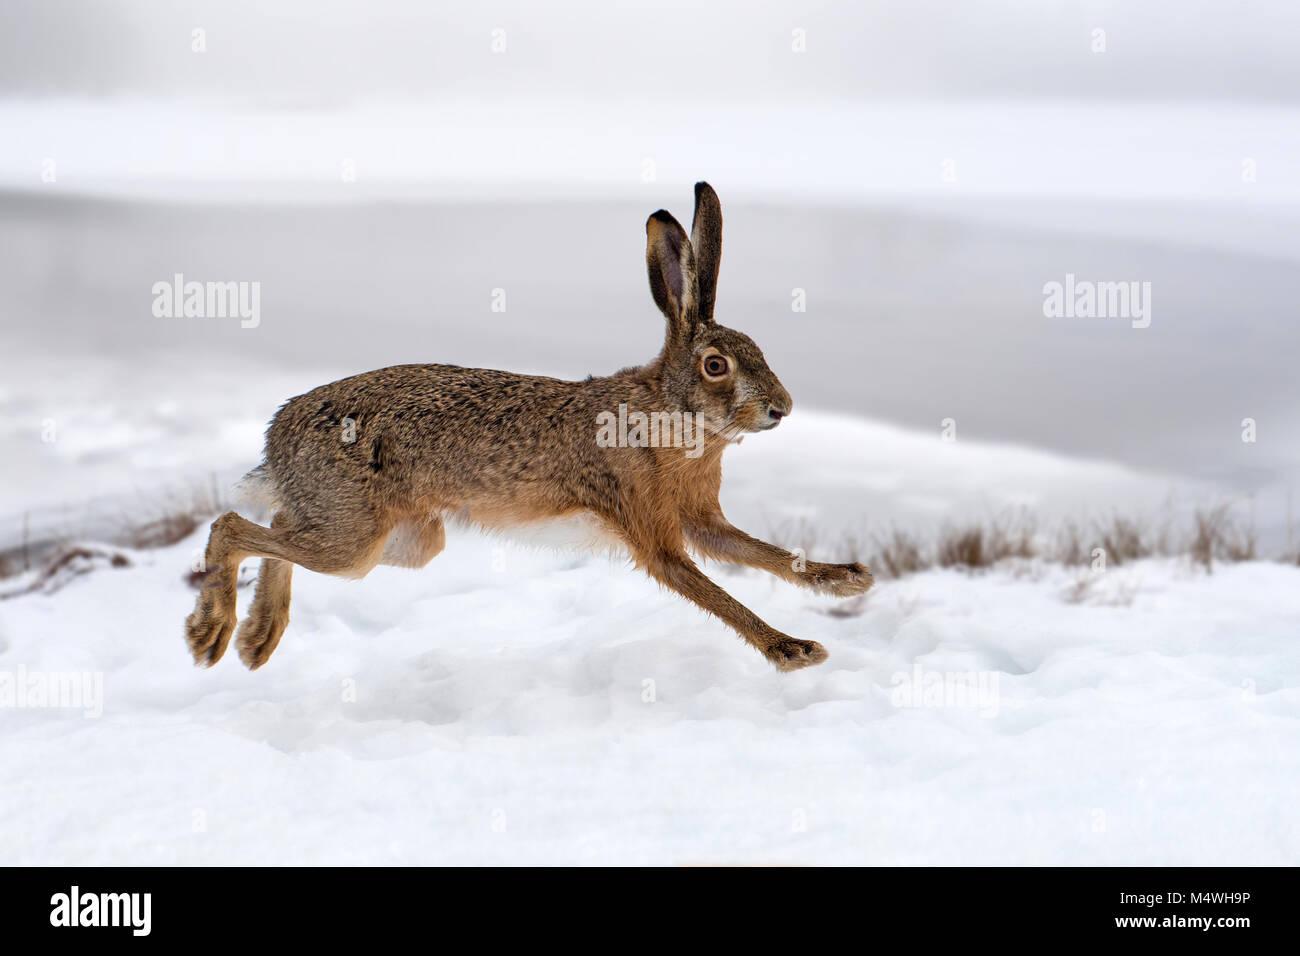 Lepre in esecuzione in campo invernale Immagini Stock